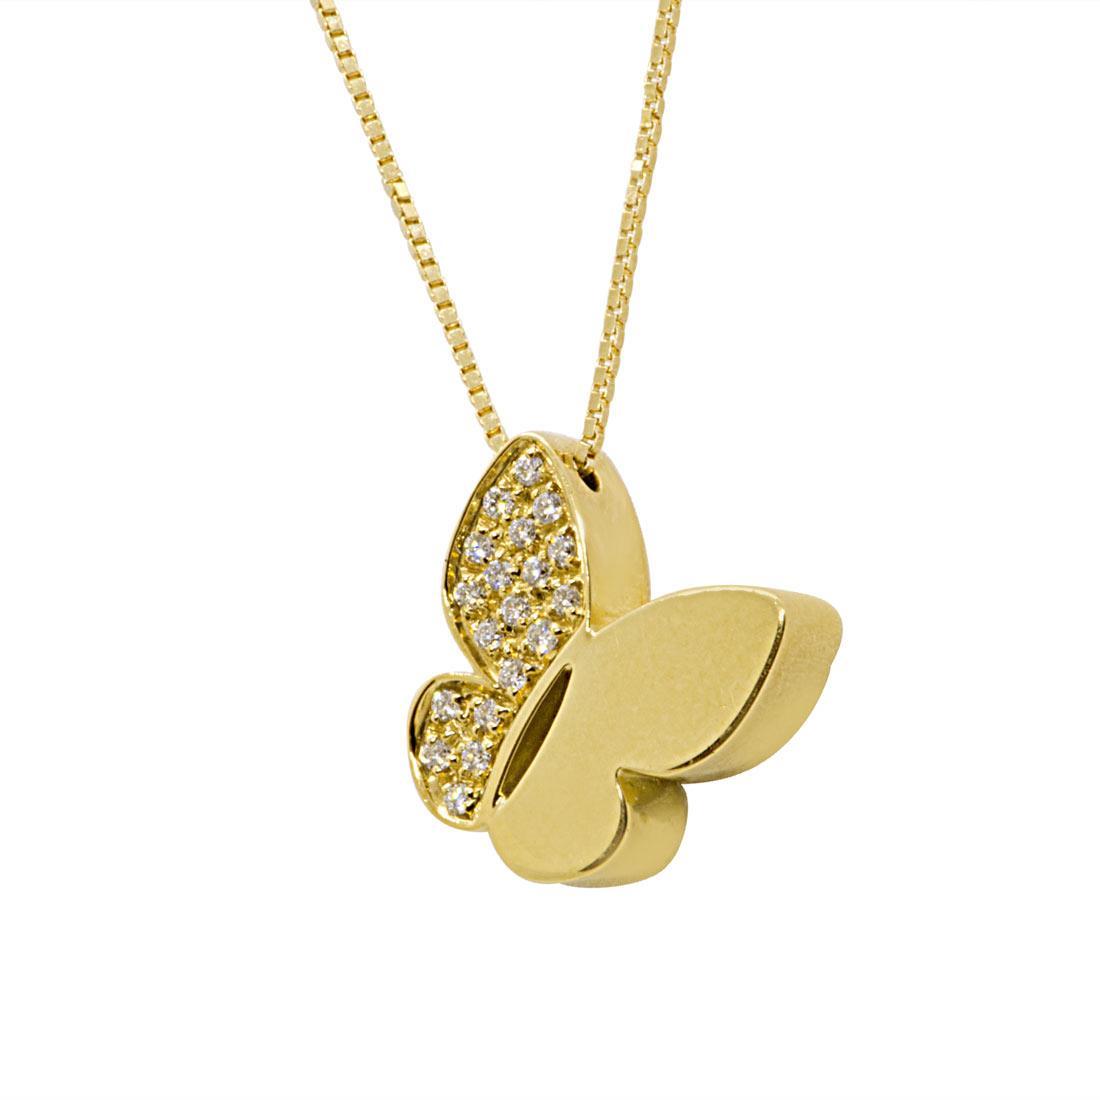 Collier Salvini in oro giallo con diamanti  - SALVINI